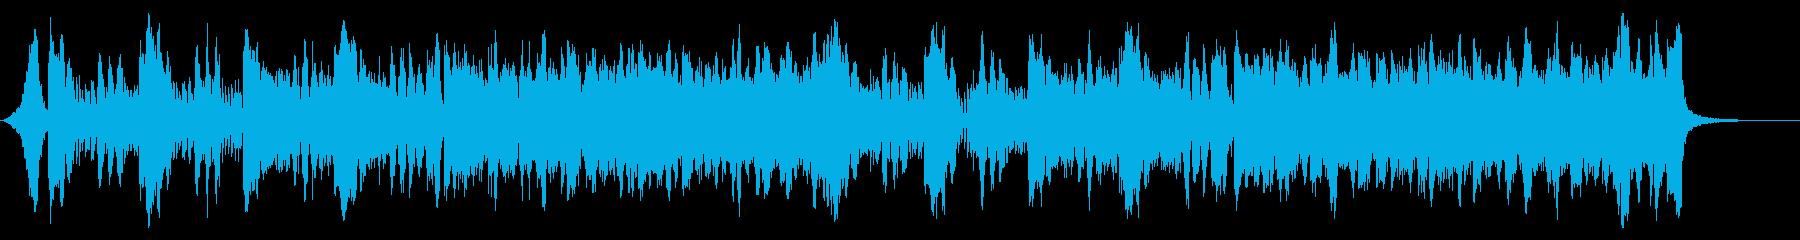 ゲーム向けオーケストラ、通常戦闘曲の再生済みの波形